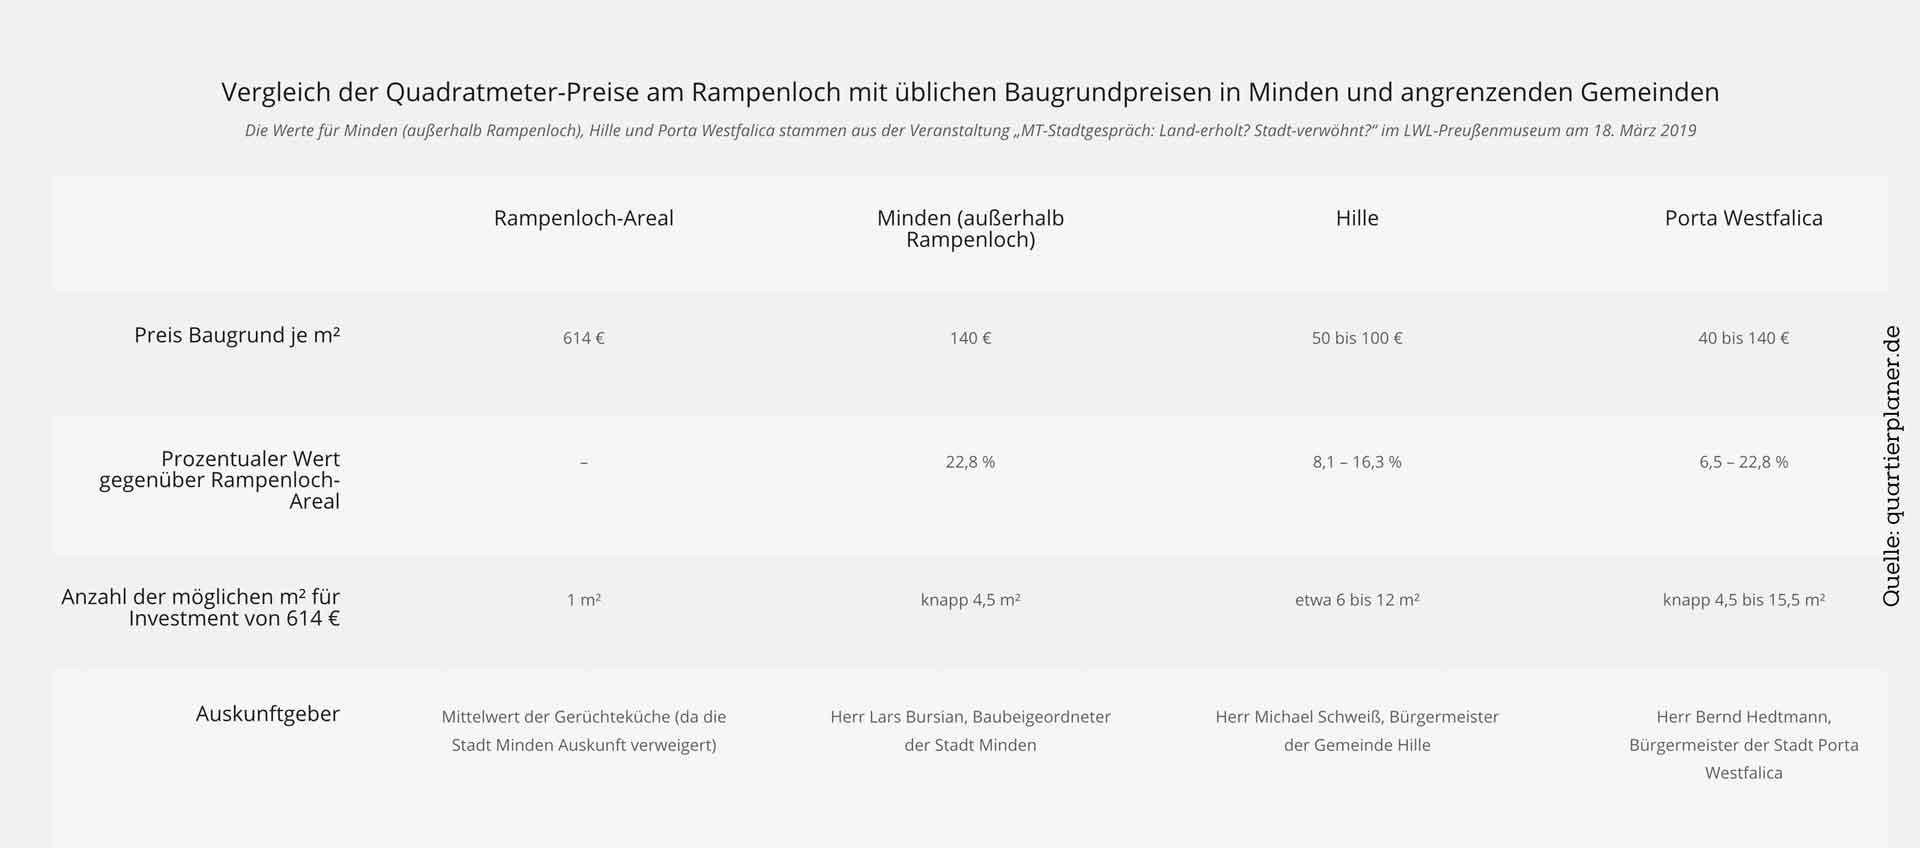 Vergleich der Quadratmeter-Preise am Rampenloch mit üblichen Baugrundpreisen in Minden und angrenzenden Gemeinden als Tabelle